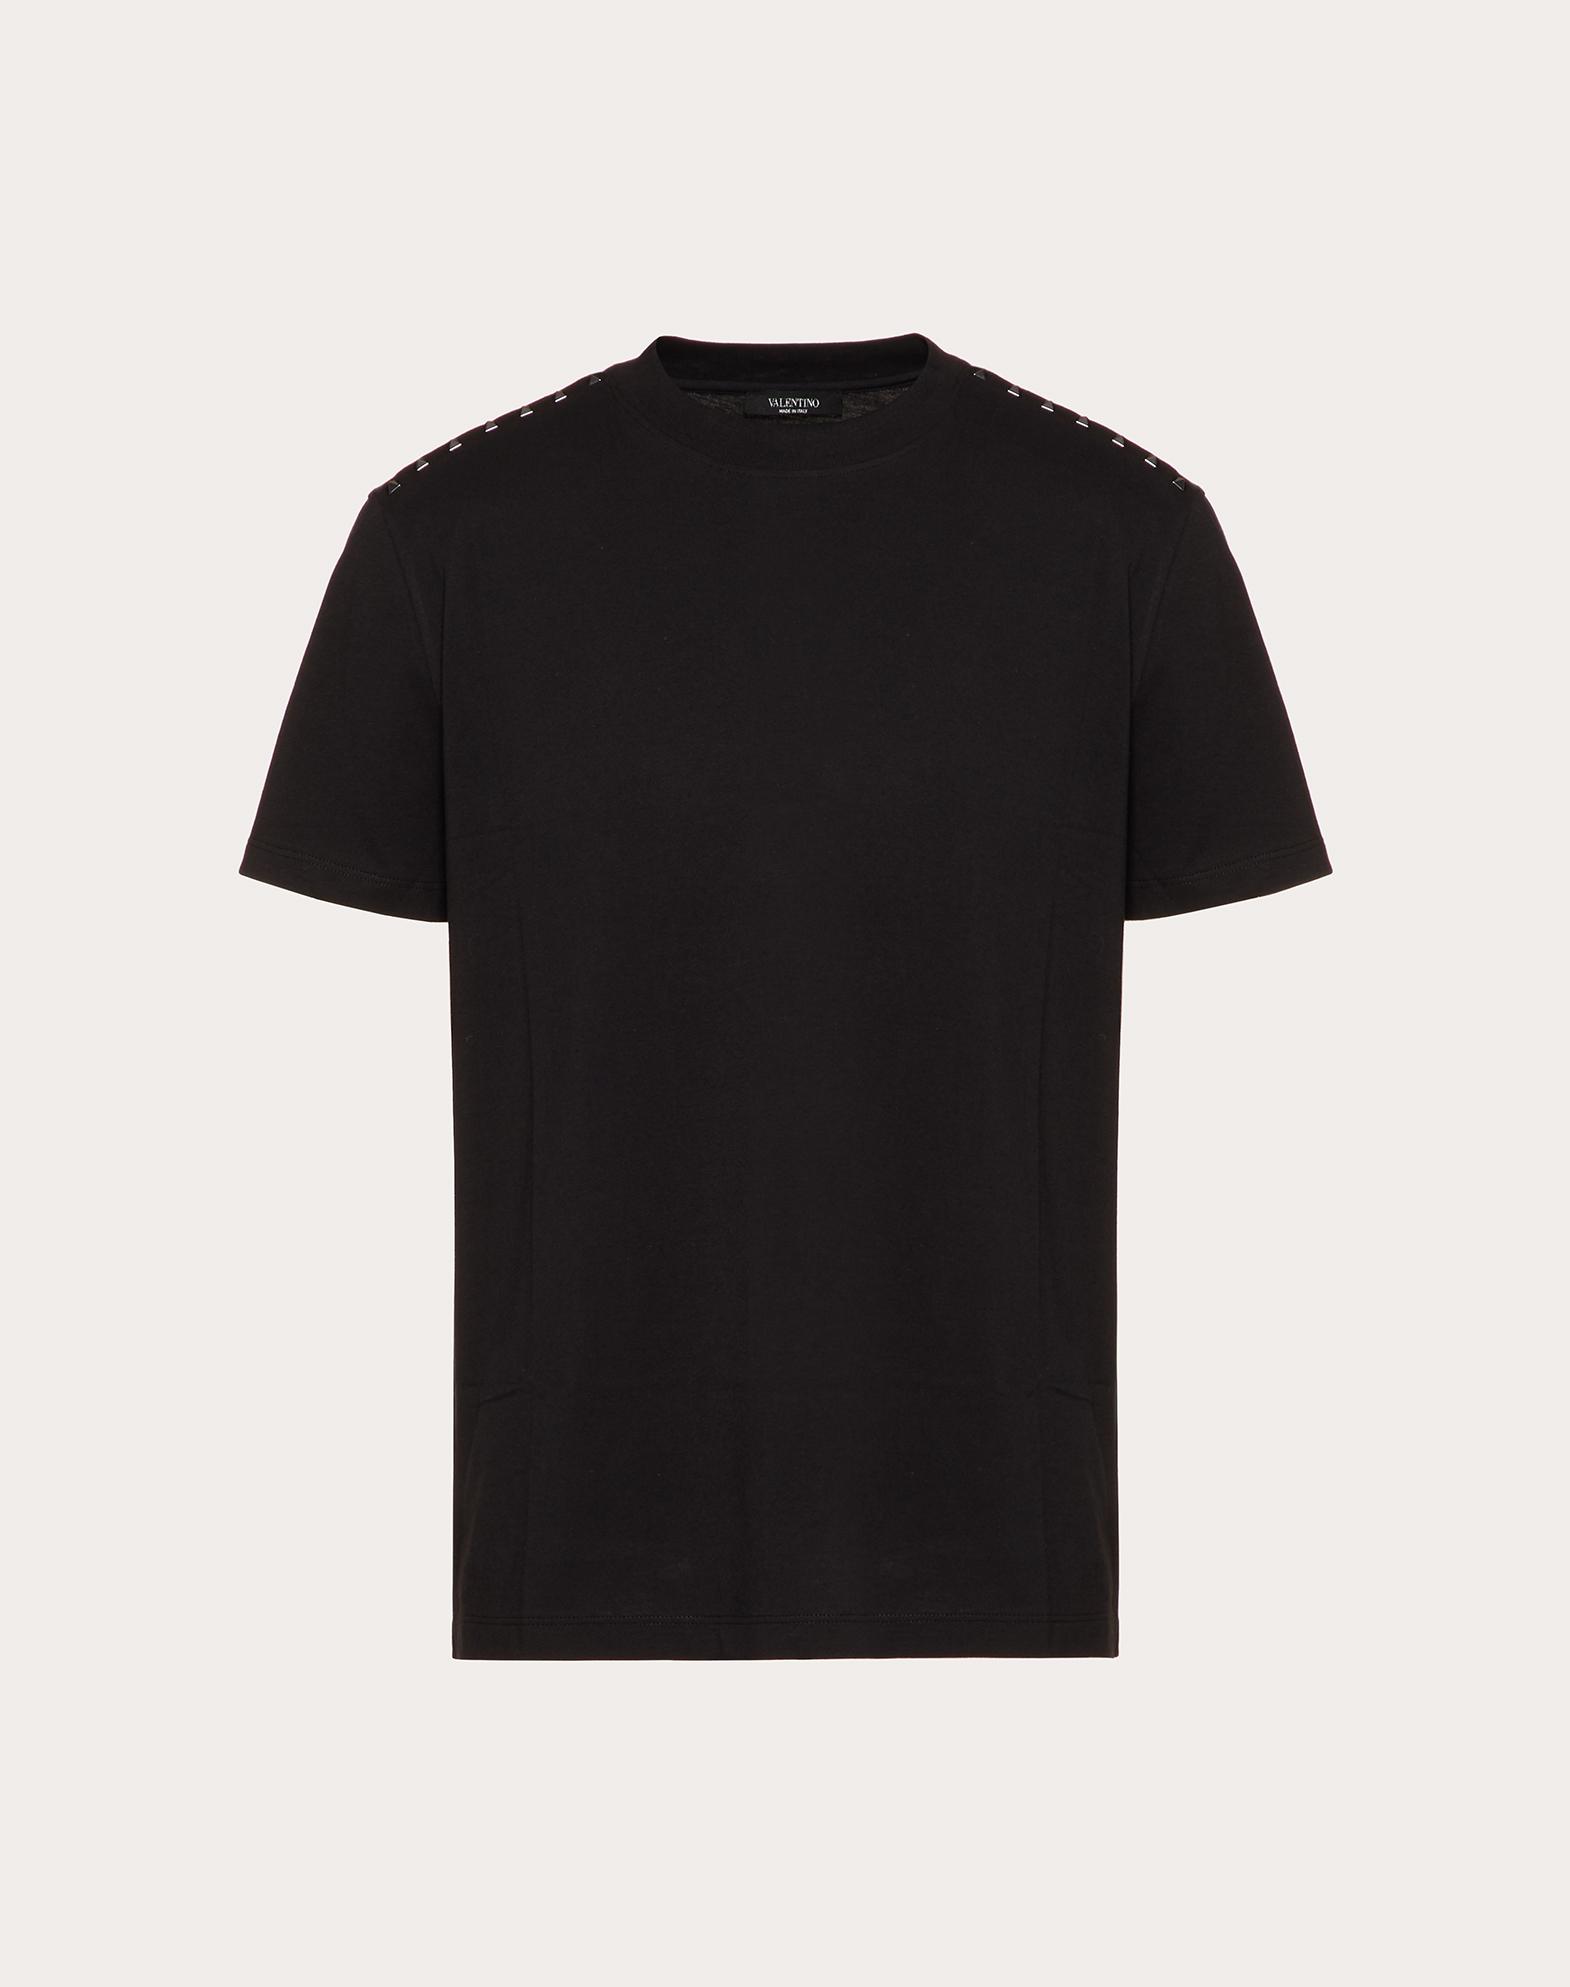 락스터드 언타이틀드 티셔츠